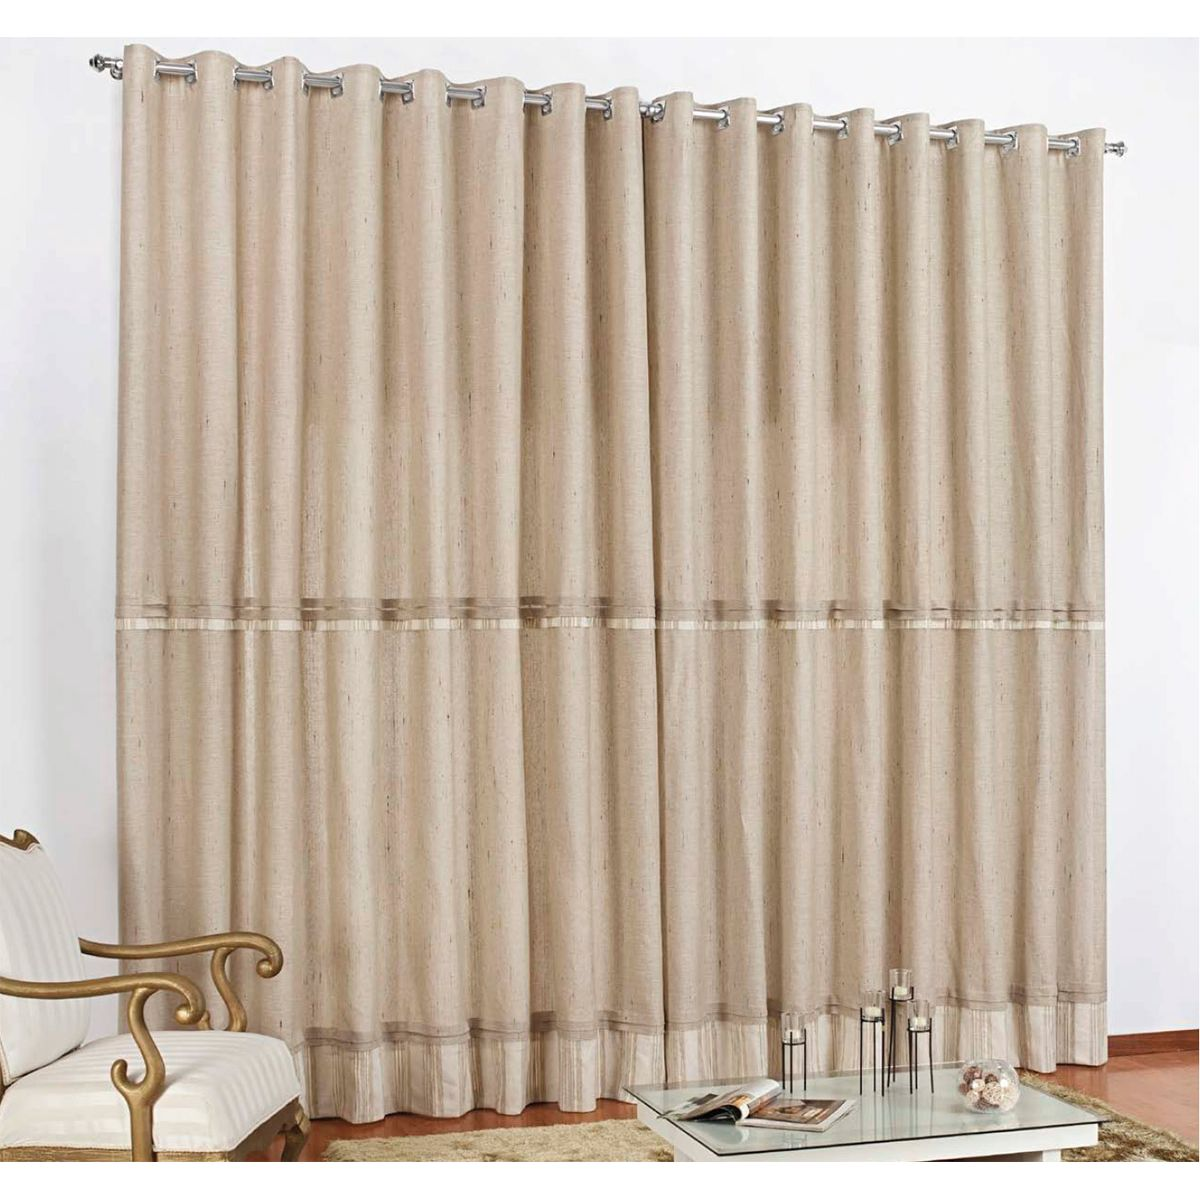 Cortina sala e quarto 3 metros palha linho cortina cromo for Cortinas bonitas para sala